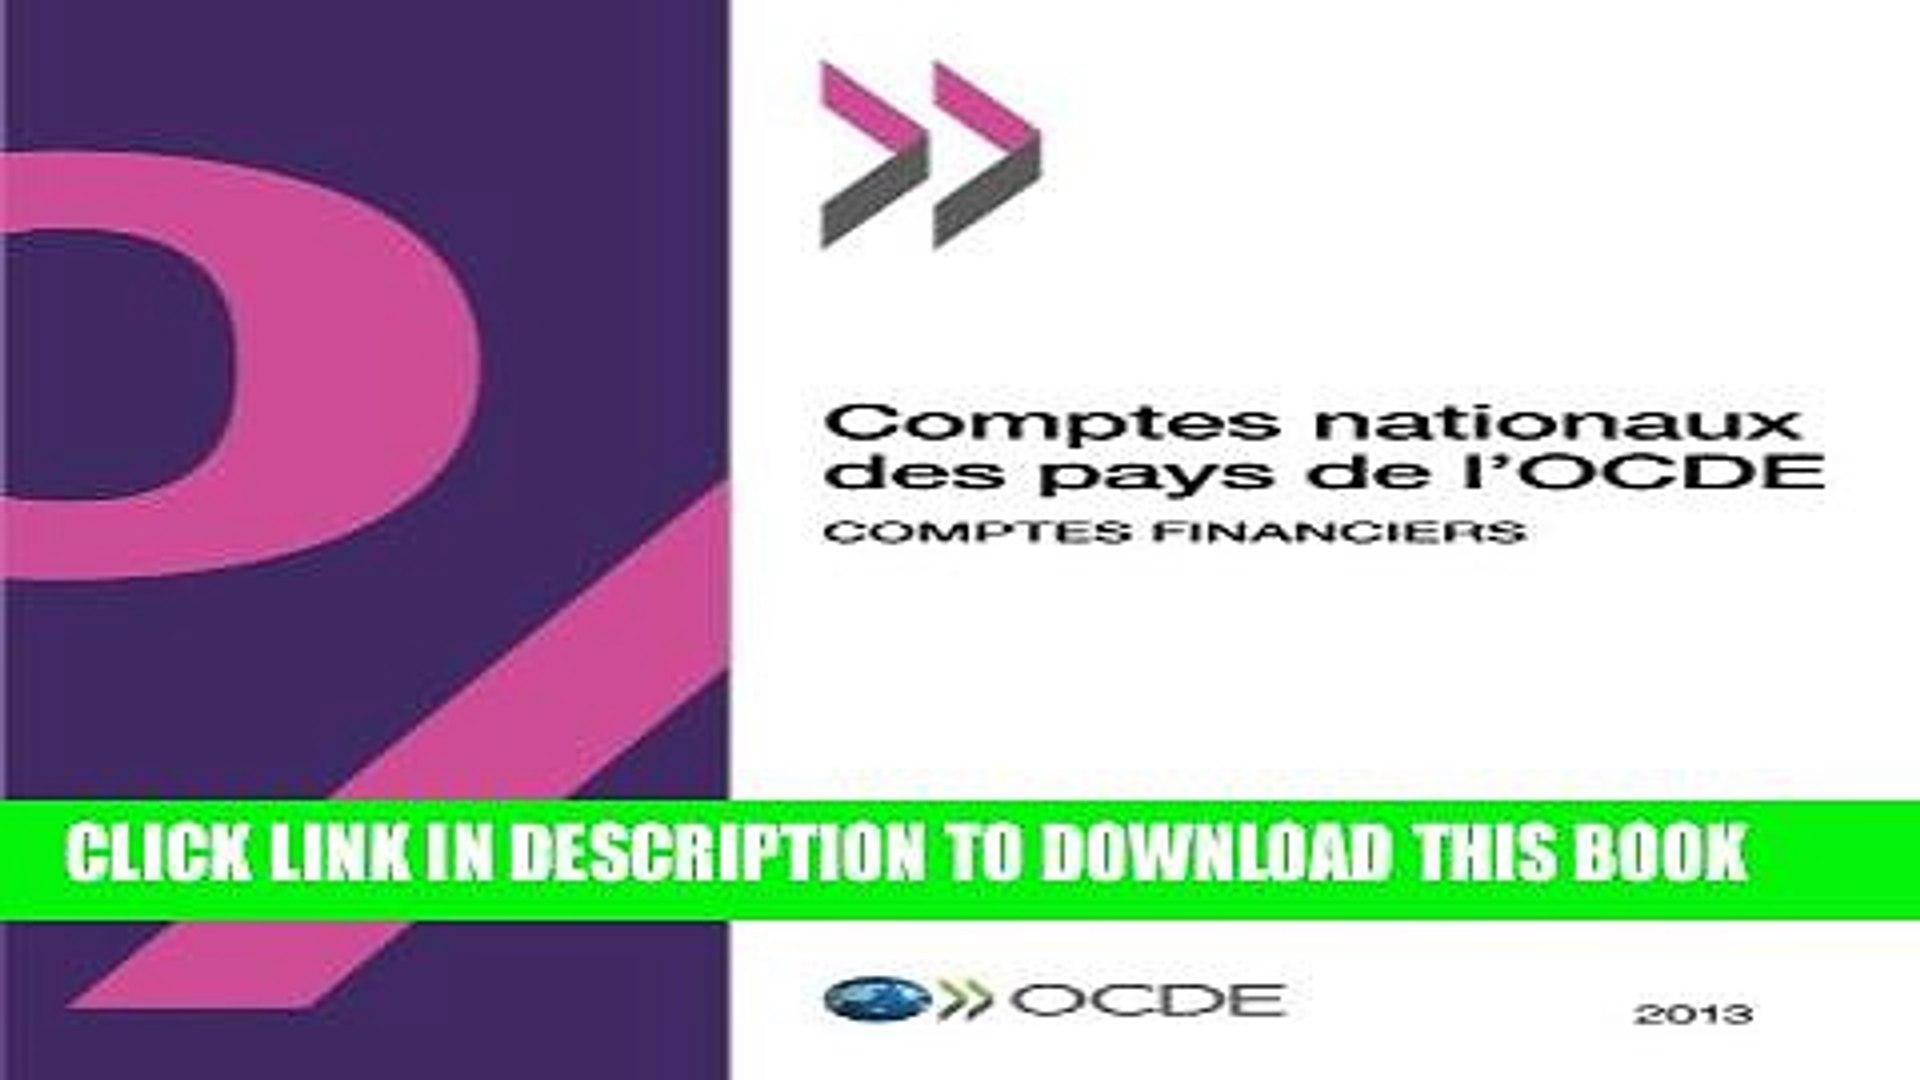 [PDF] Comptes nationaux des pays de l Ocde, Comptes financiers 2013: Edition 2013 (Volume 2013)